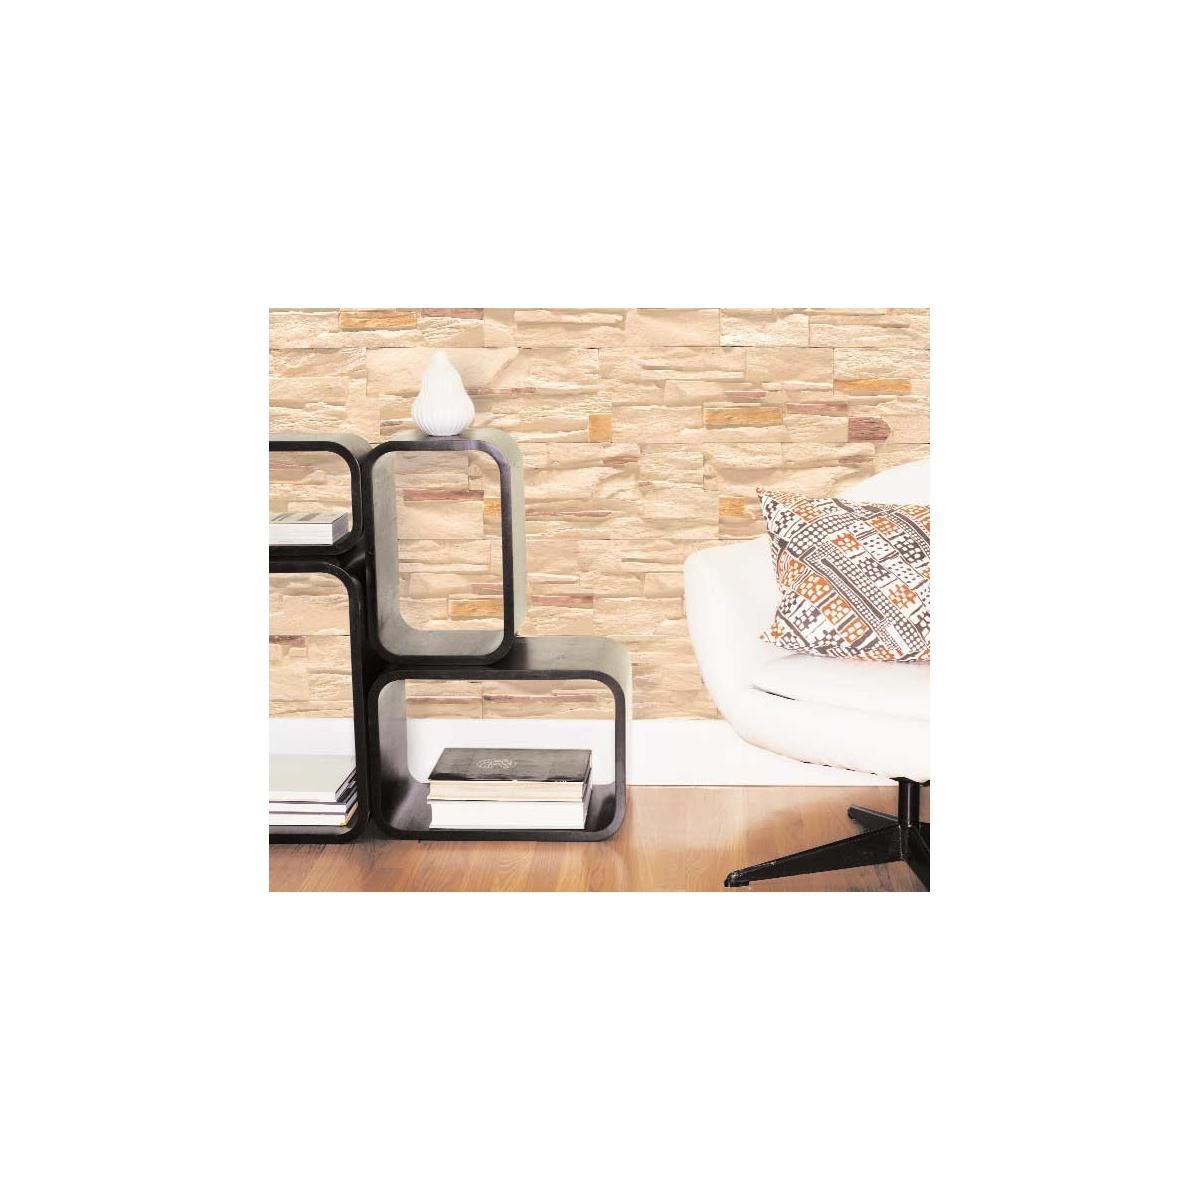 Plaqueta ángulo R59 Chicago (Caja 1 ml) - Revestimiento con Plaquetas de yeso - Marca Revesti-Mur